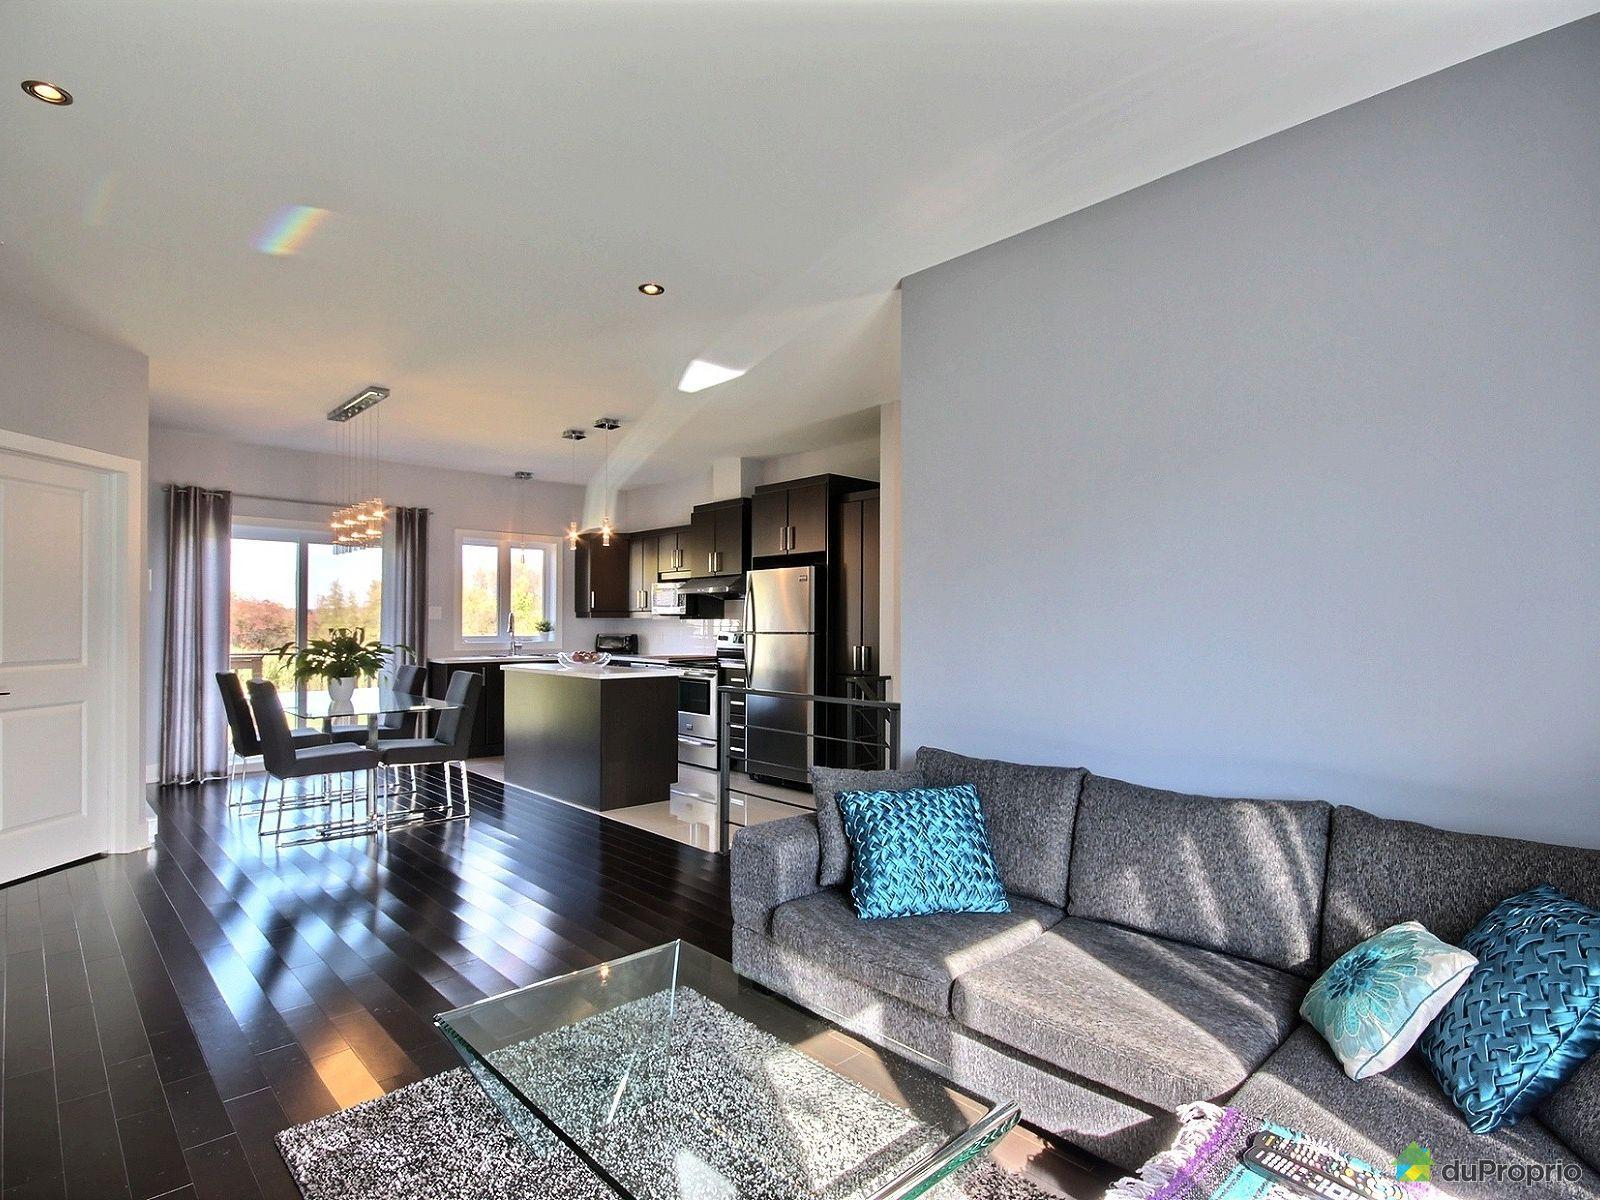 Maison à vendre carignan, 2350 rue gertrude, immobilier québec ...